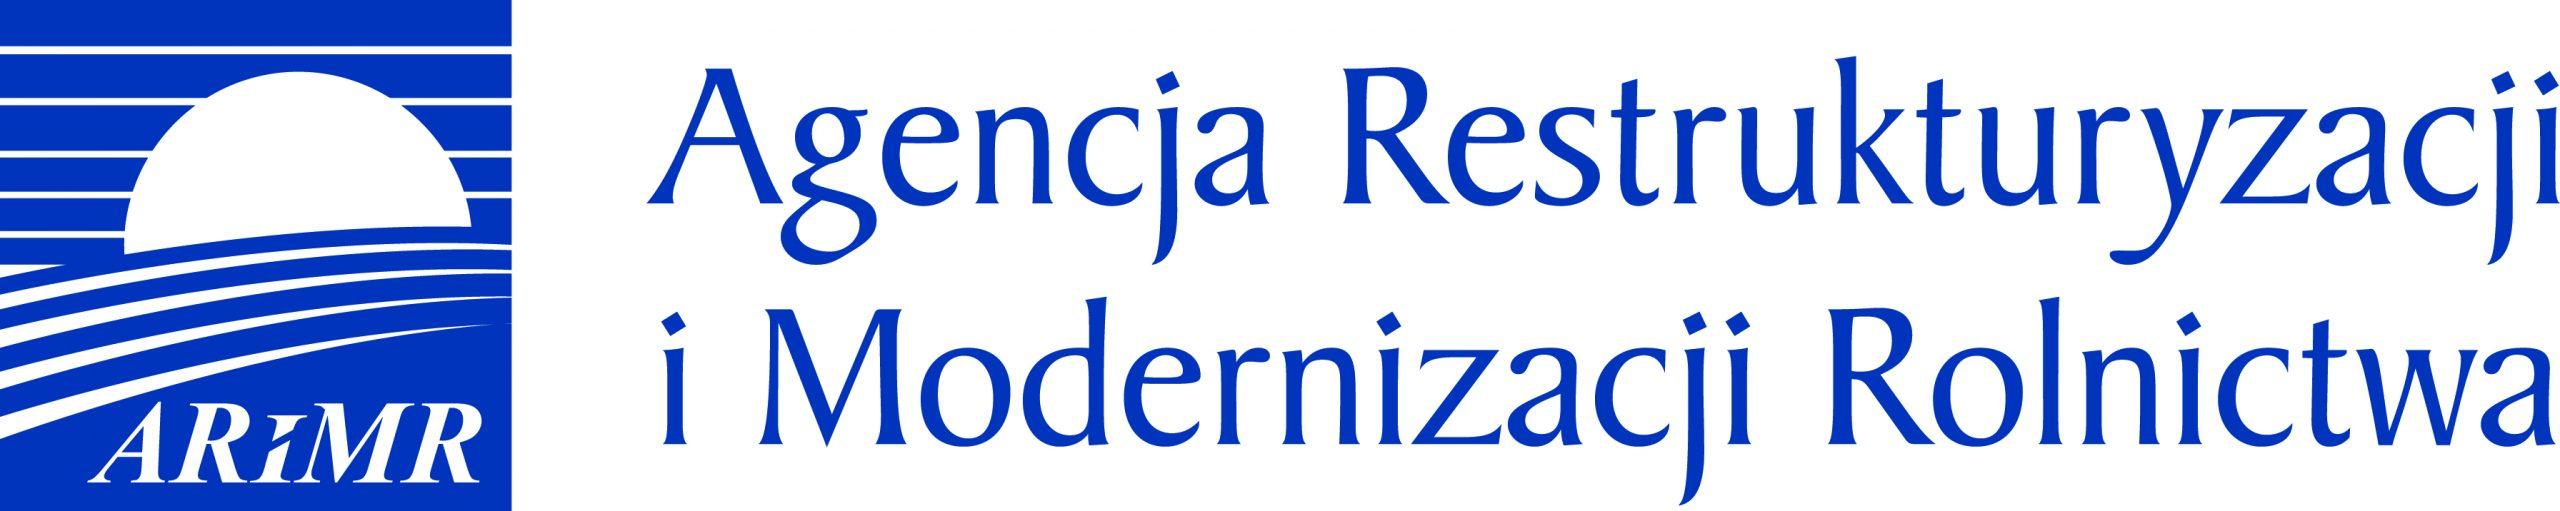 Obrazek przedstawia logo ARiMR